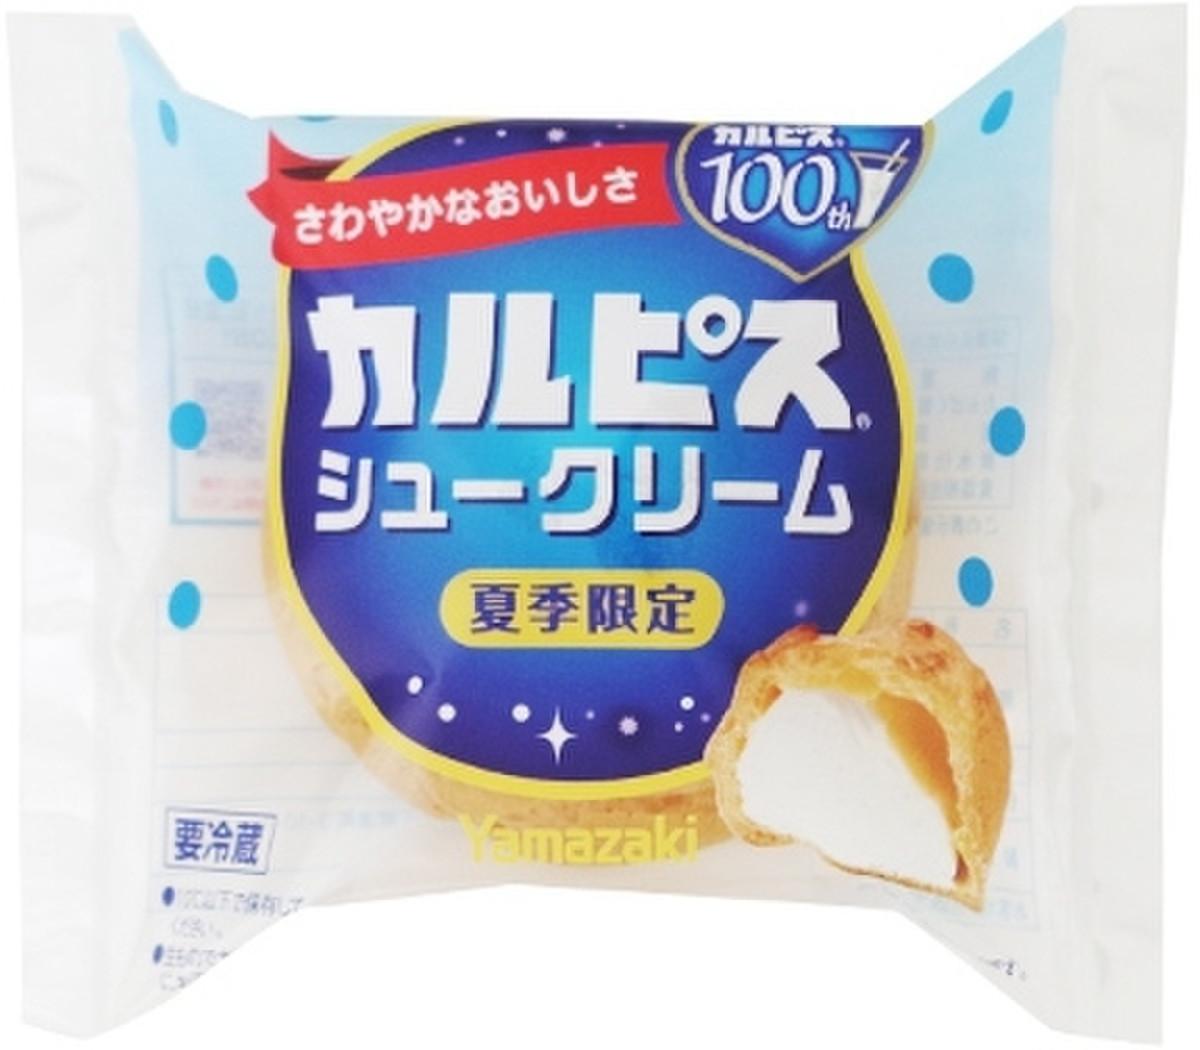 カルピス シュークリーム